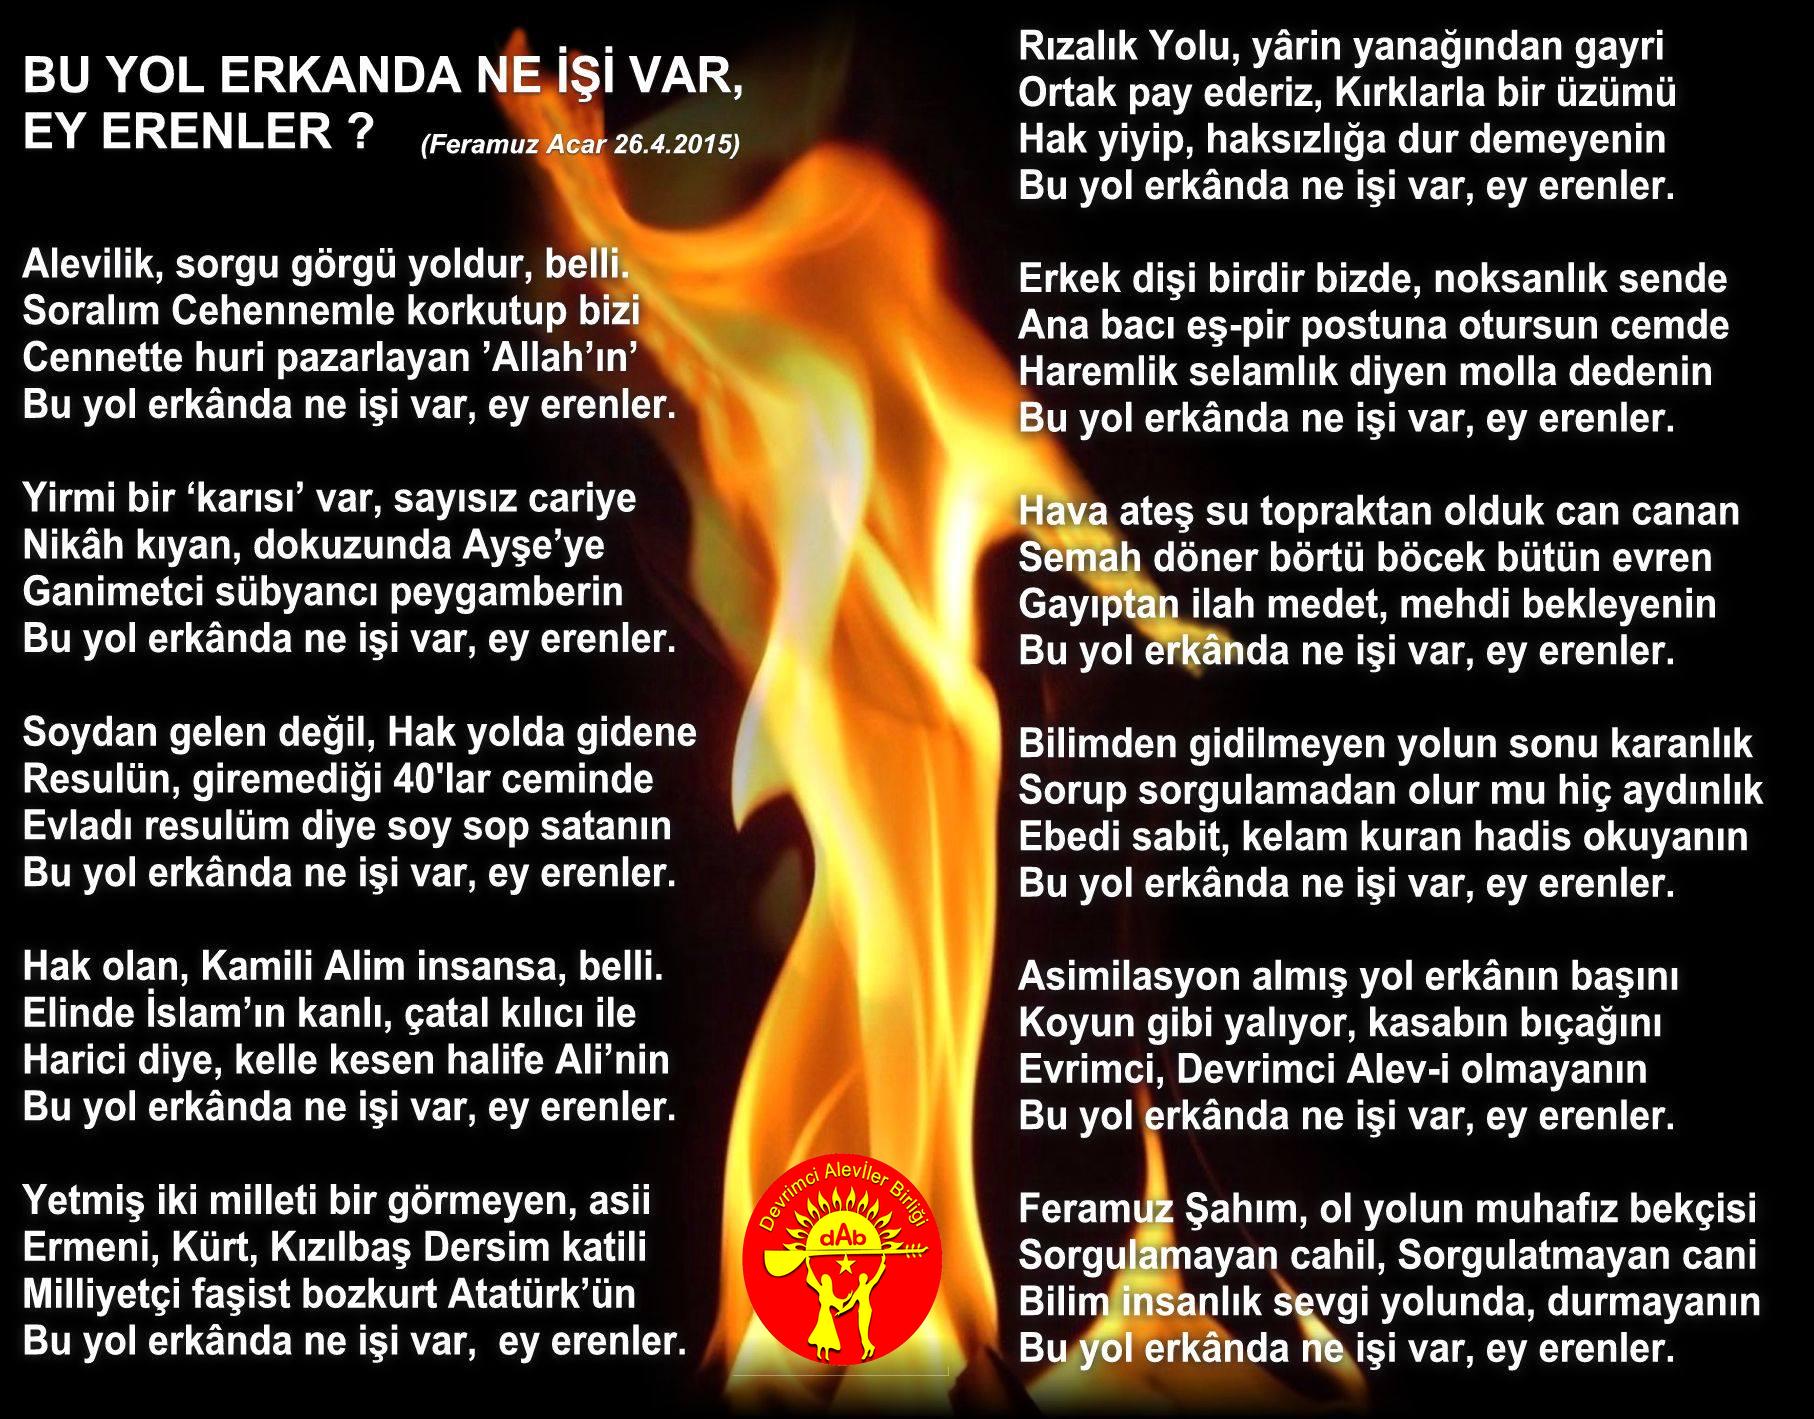 Devrimci Aleviler Birliği DAB Alevi Kızılbaş Bektaşi pir sultan cem hz Ali 12 imam semah Feramuz Şah Acar Ne isi var erenler Feramuz Acar DAB